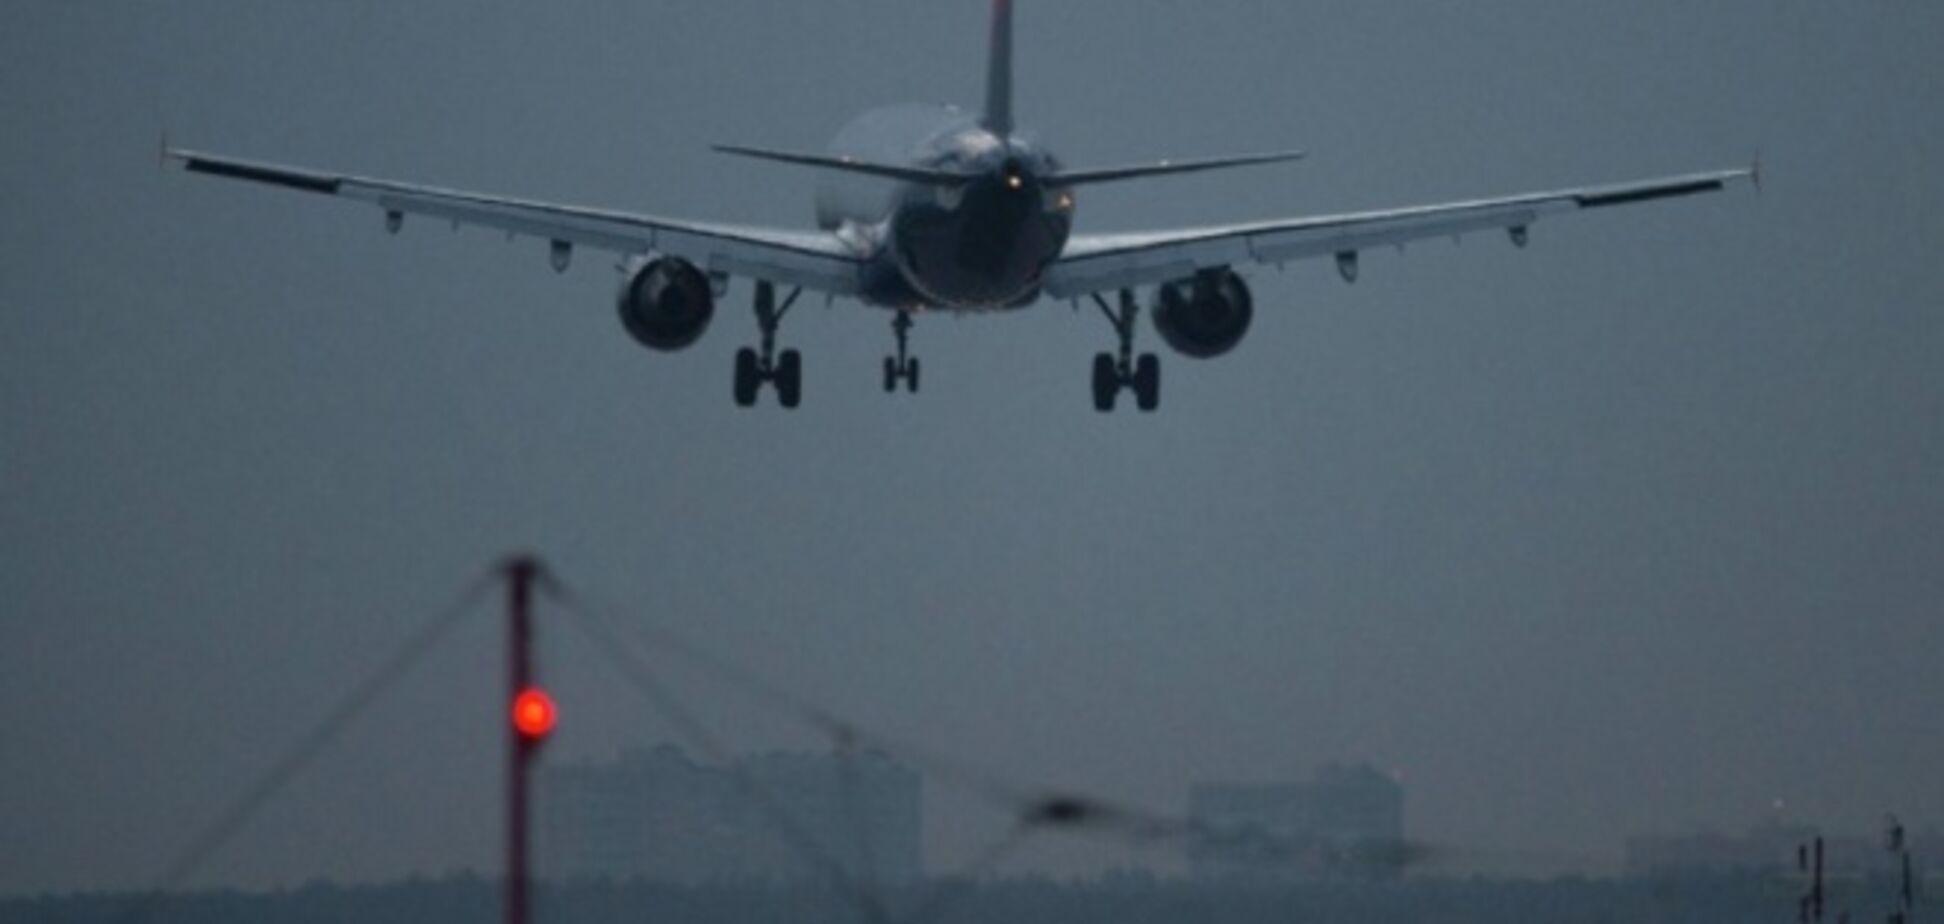 Госавиаслужба в целях безопасности запретила полеты в Харьков, Днепропетровск и Запорожье